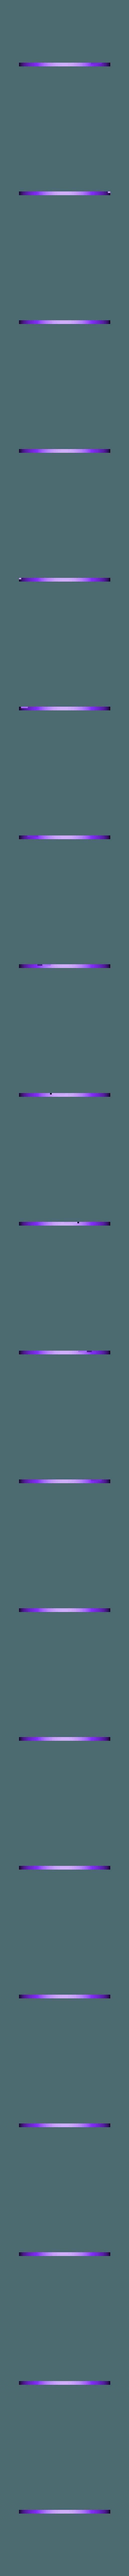 1908-01 Part01.stl Télécharger fichier STL gratuit Jouet à cueillir les poulets • Modèle à imprimer en 3D, EL3D